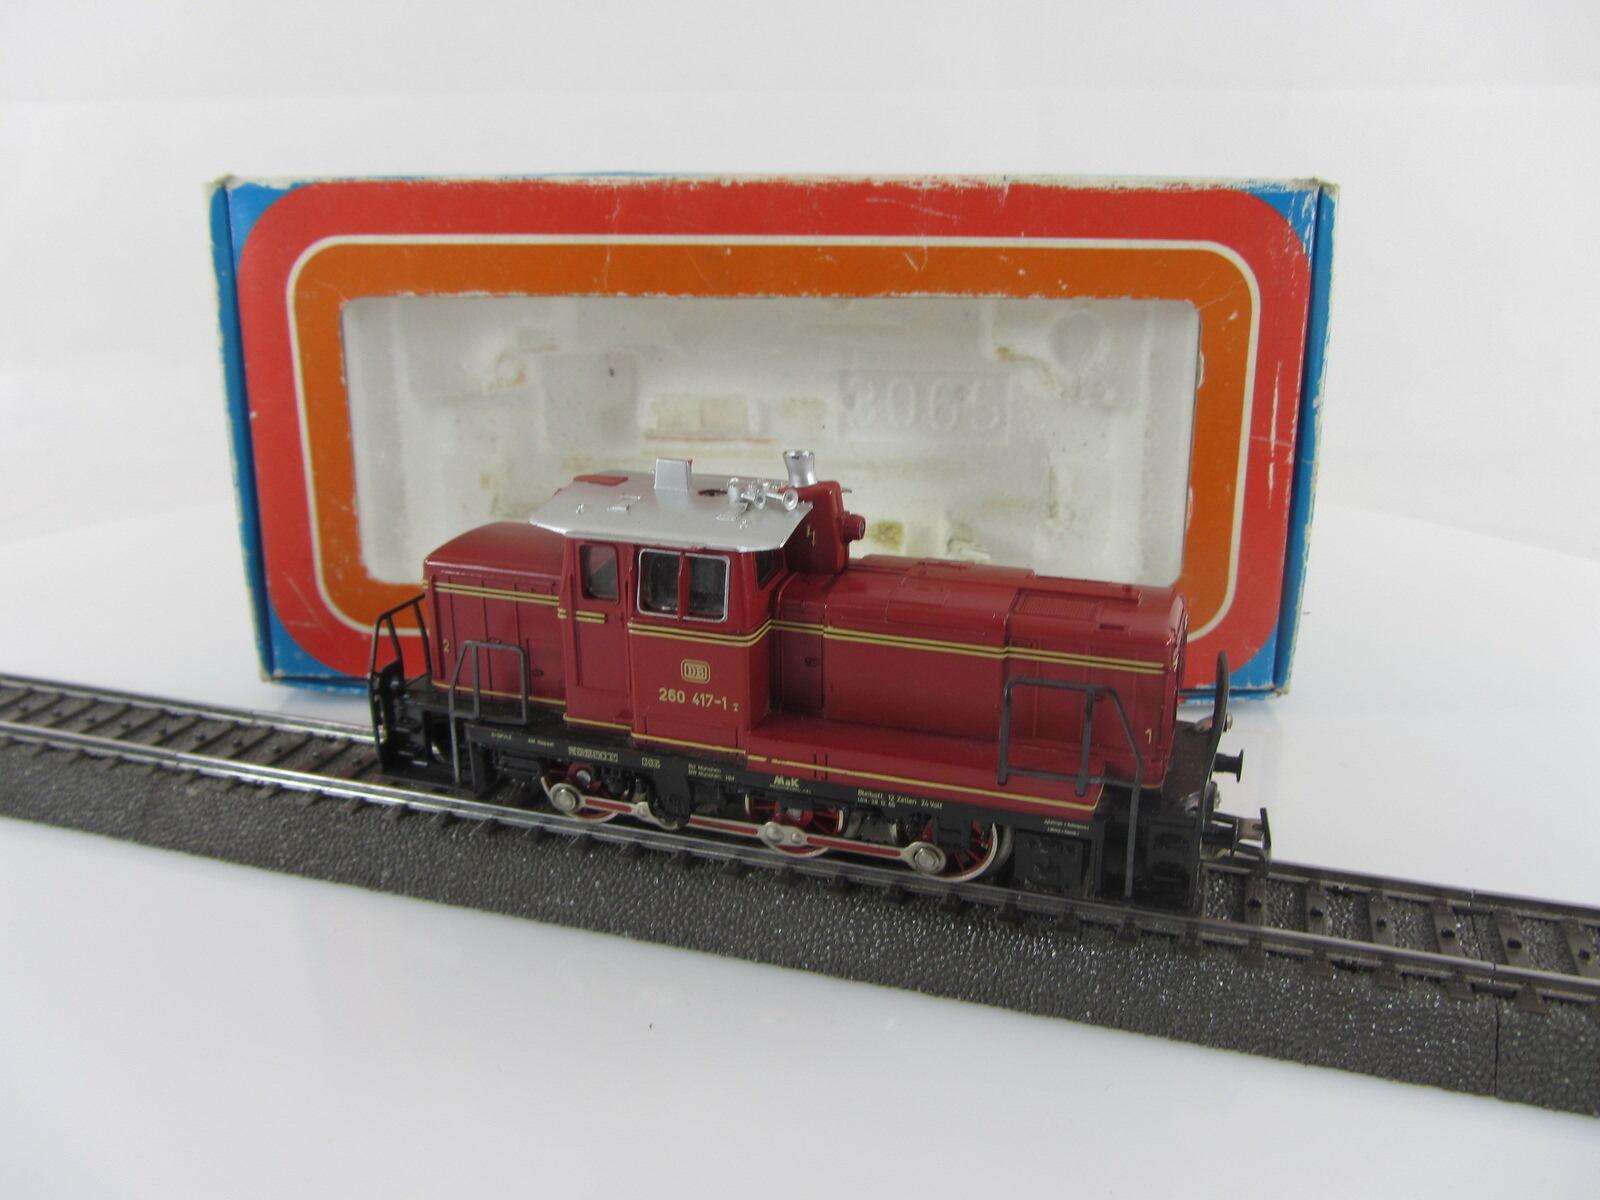 3065 DIESEL BR 260 417-1 delle DB in rosso, con telex FRIZIONE E OVP